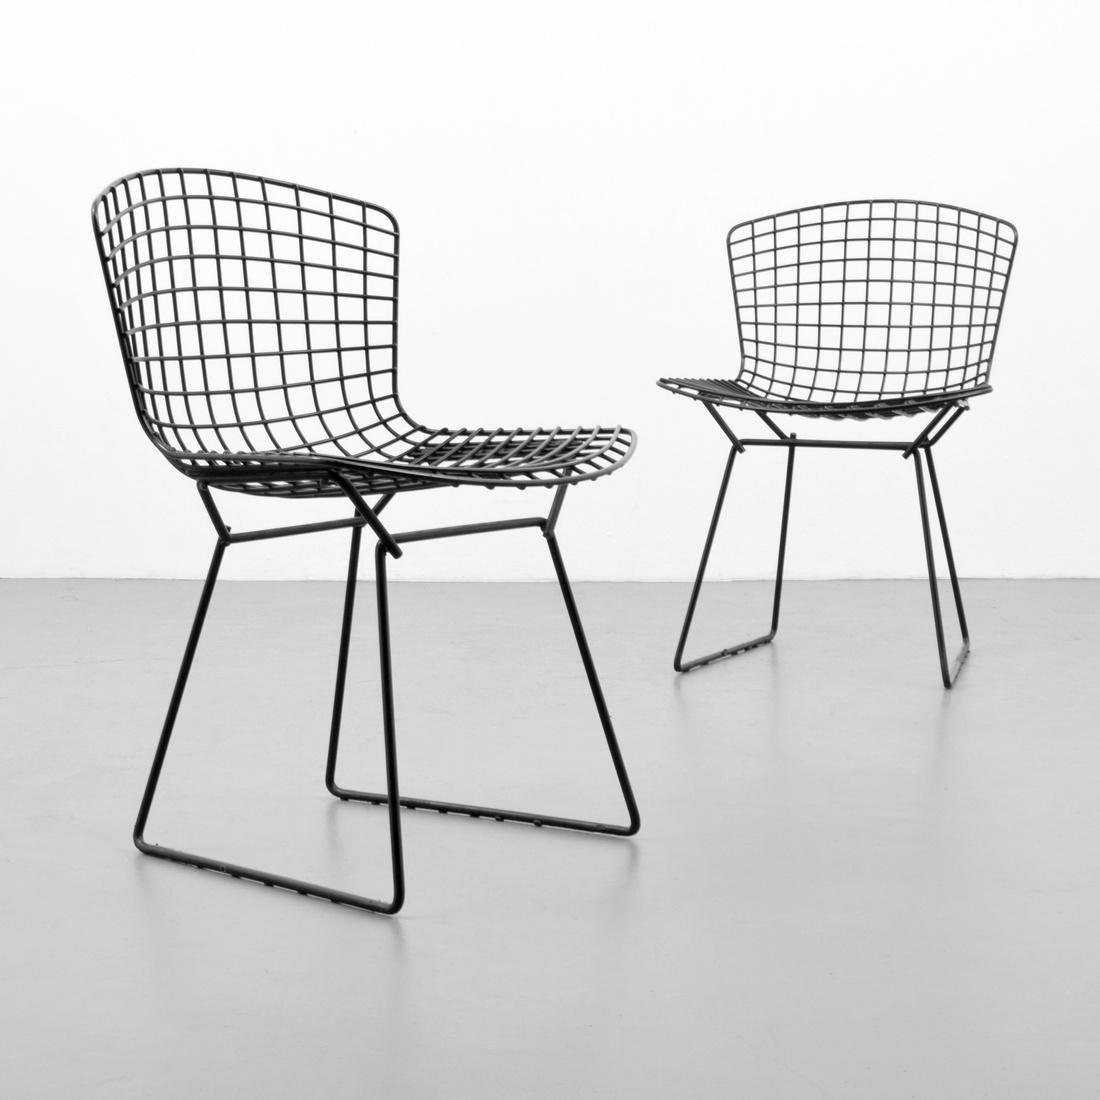 Pair of Harry Bertoia Chairs - 2